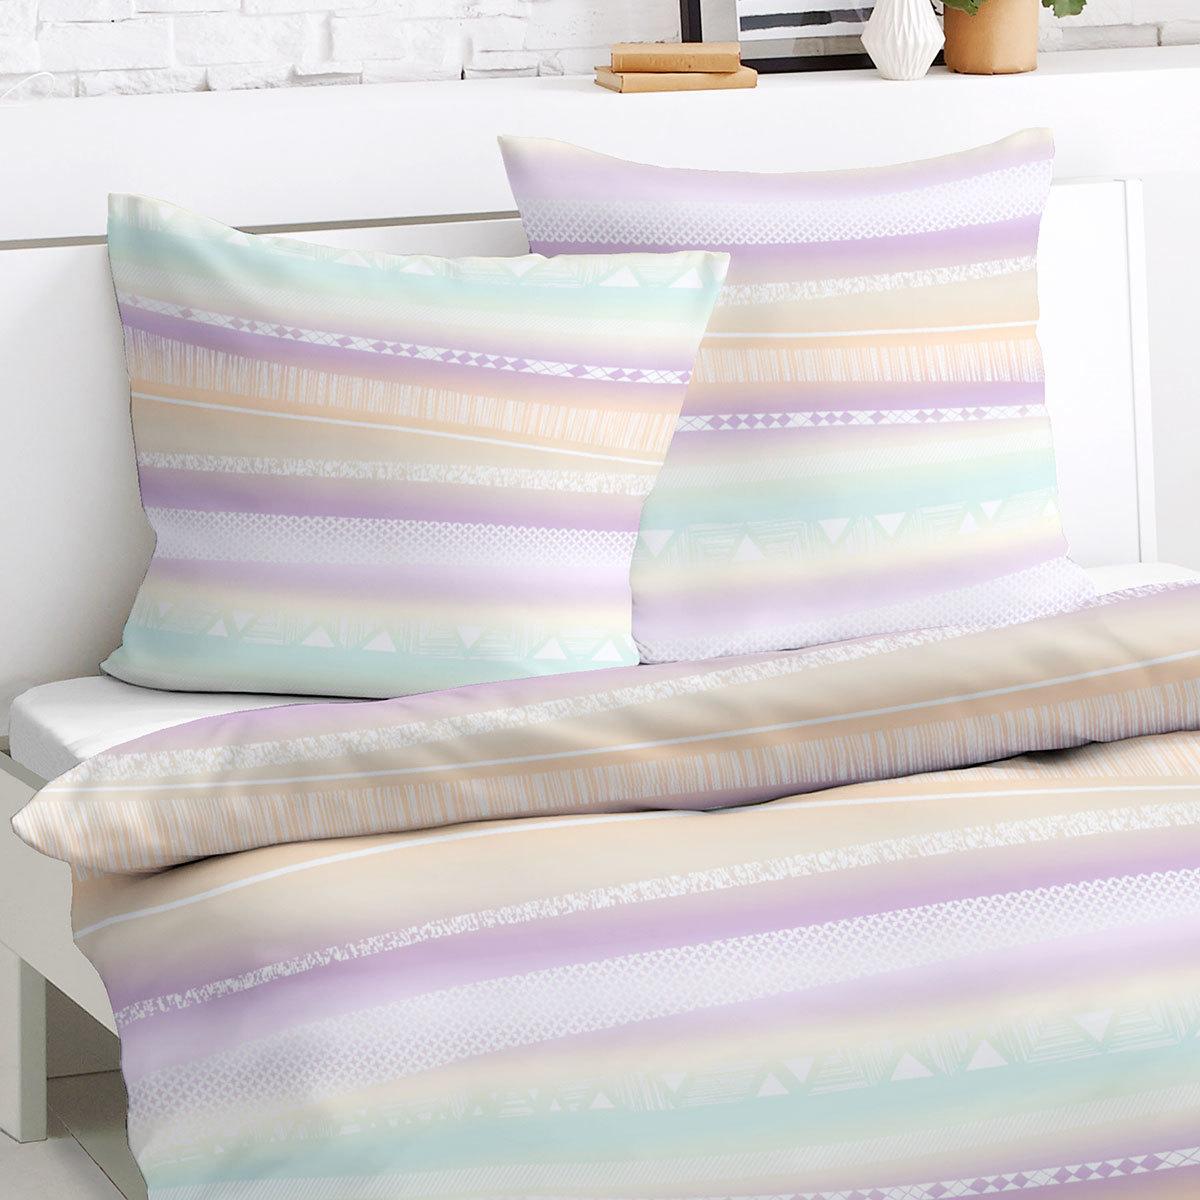 traumschlaf feinbiber bettw sche triangel g nstig online kaufen bei bettwaren shop. Black Bedroom Furniture Sets. Home Design Ideas